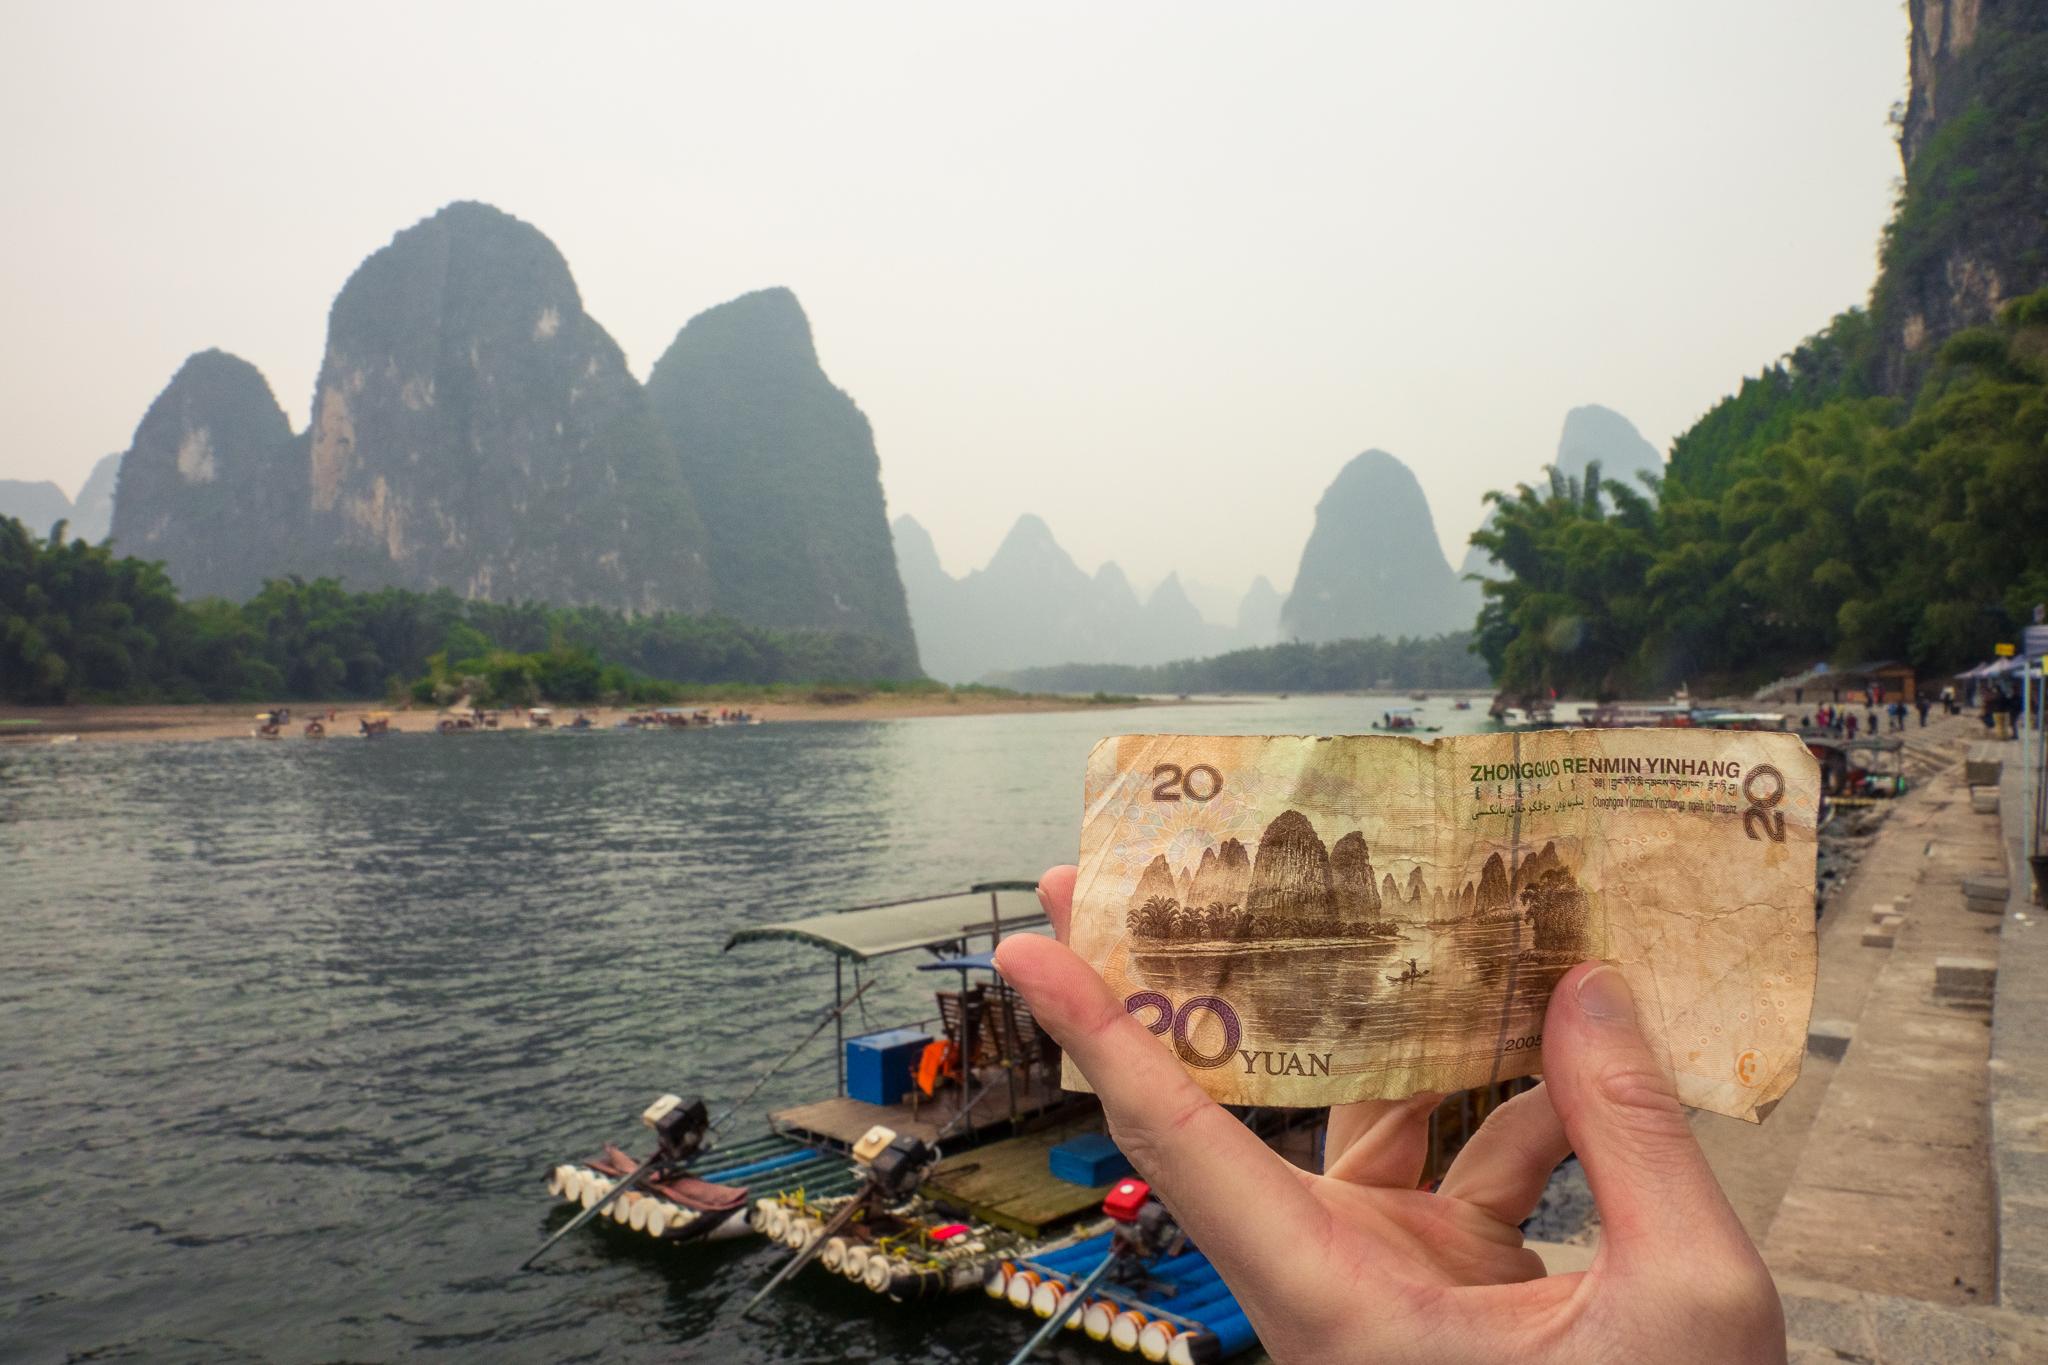 Guangxi China International Travel Service